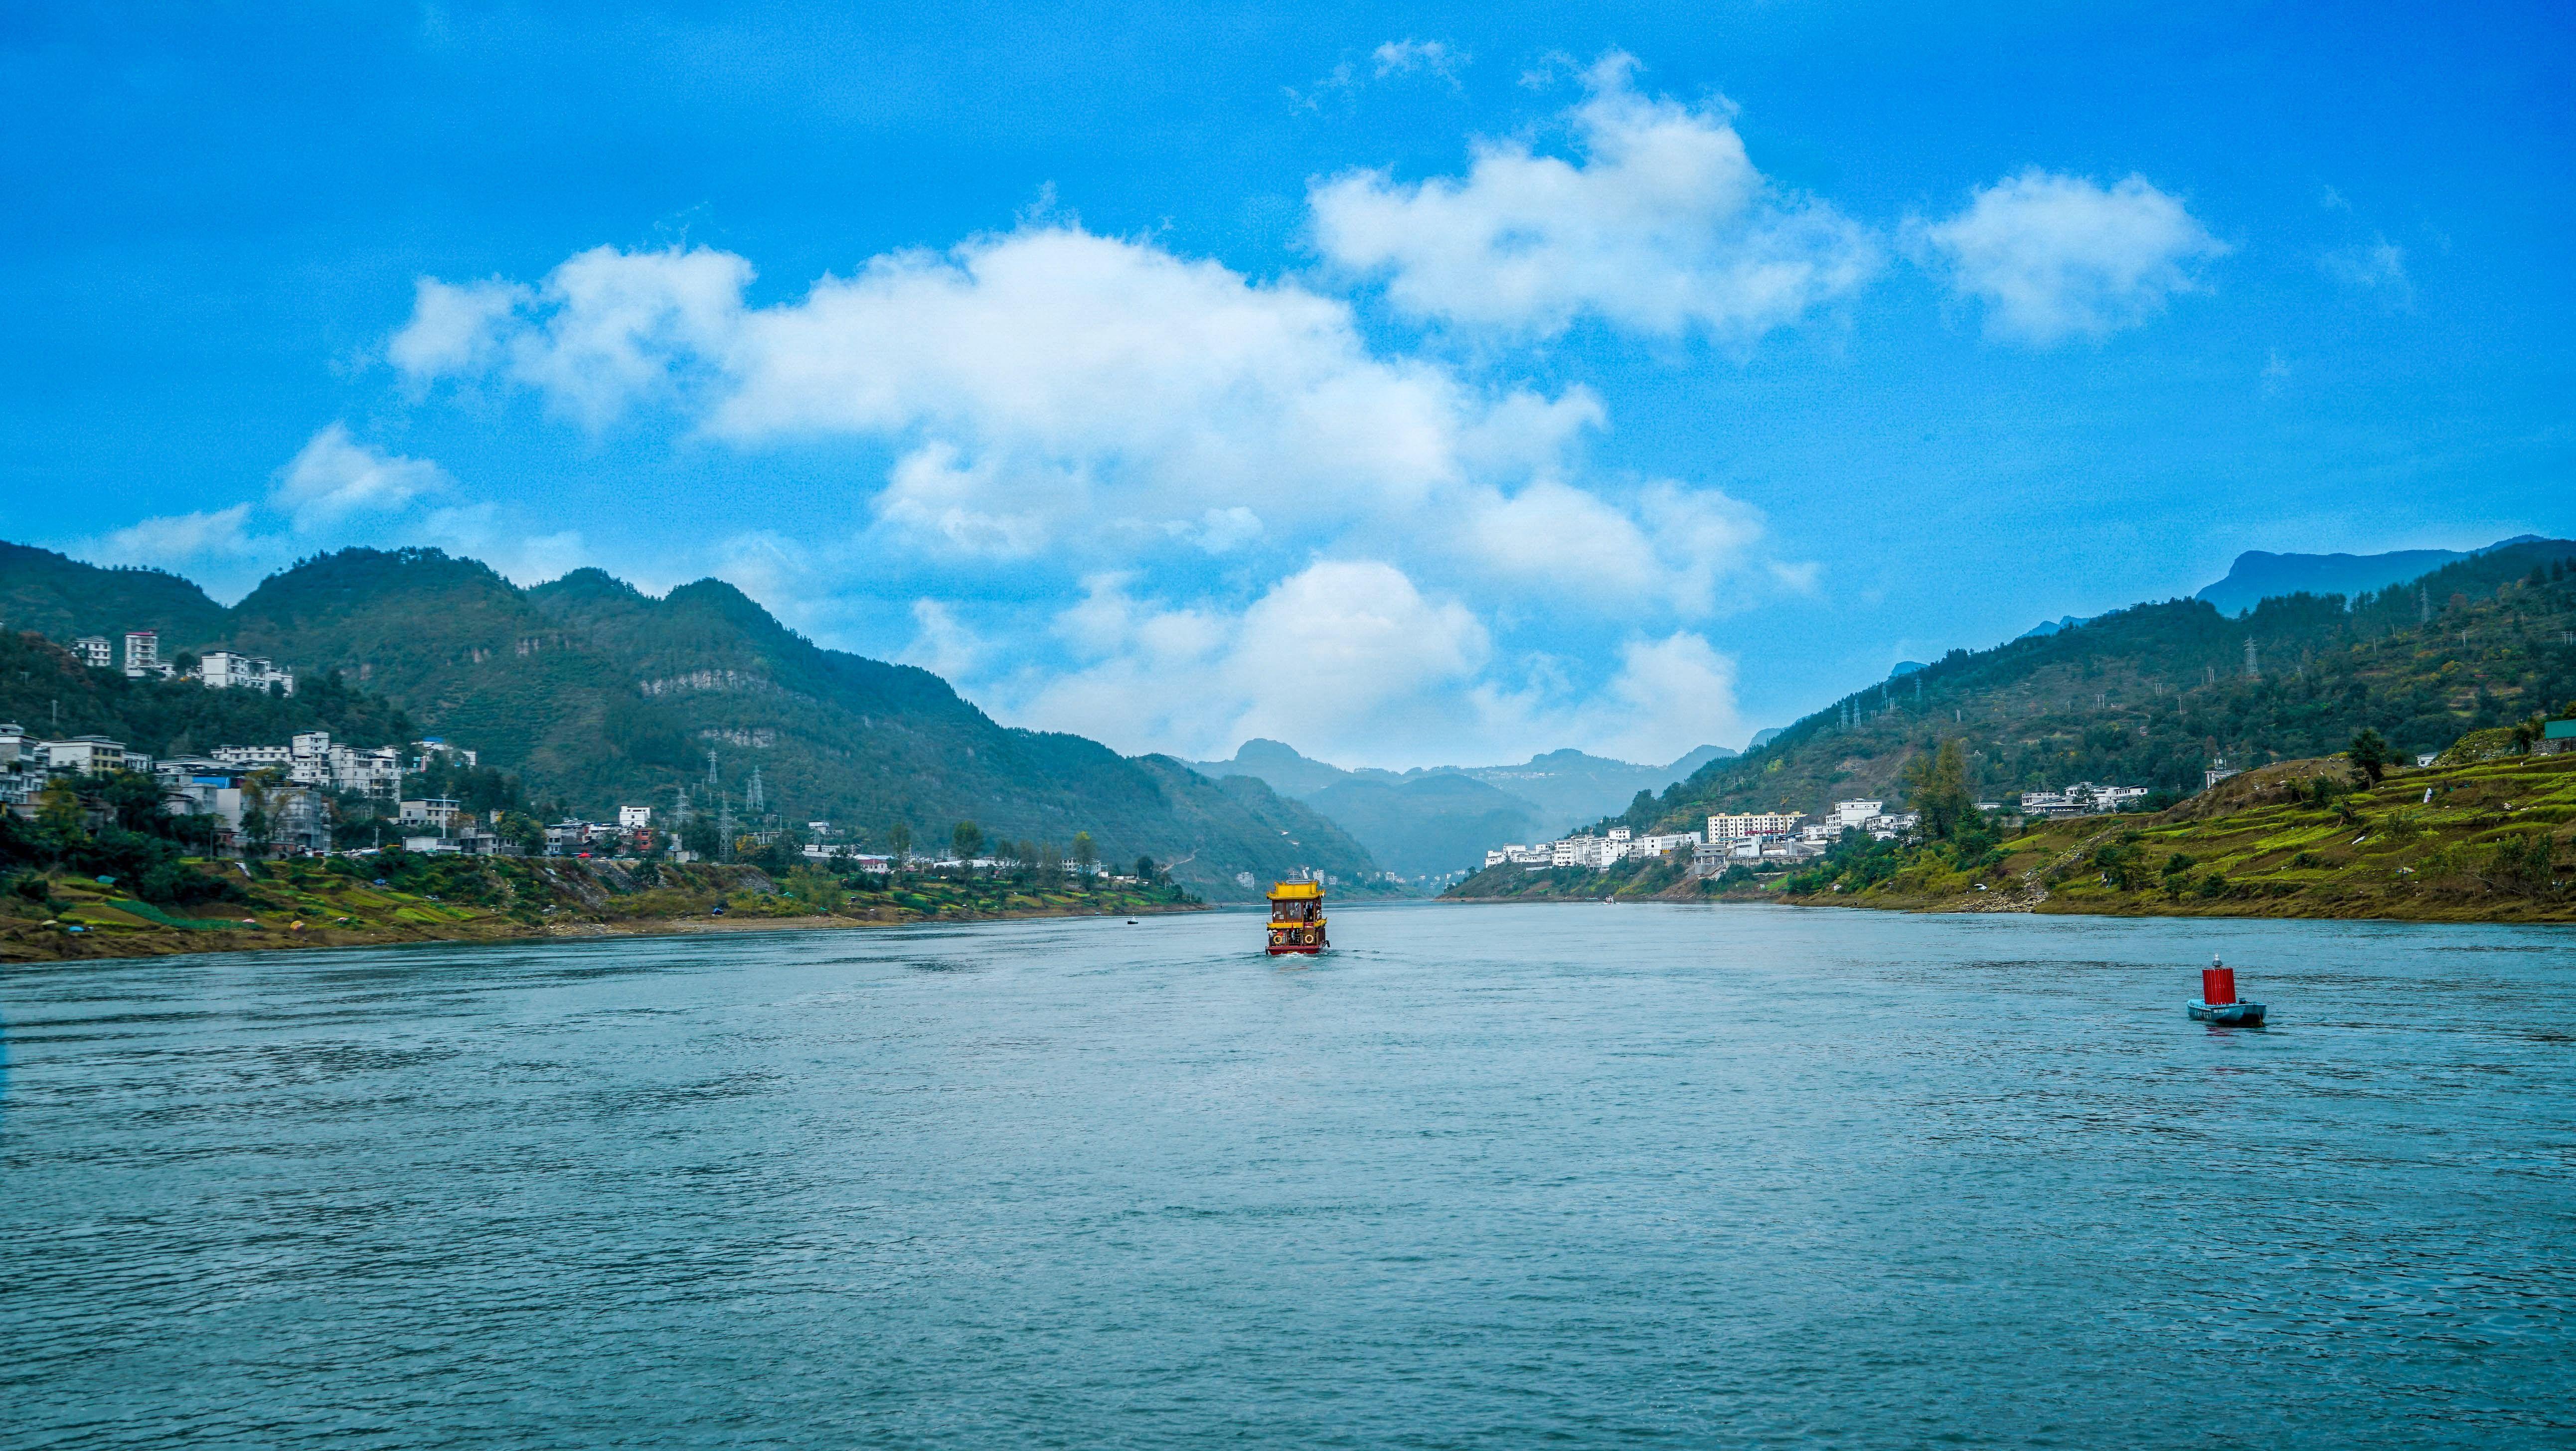 探秘横跨黔渝两省的长江上游南岸最大支流,是如何震慑人心呢?